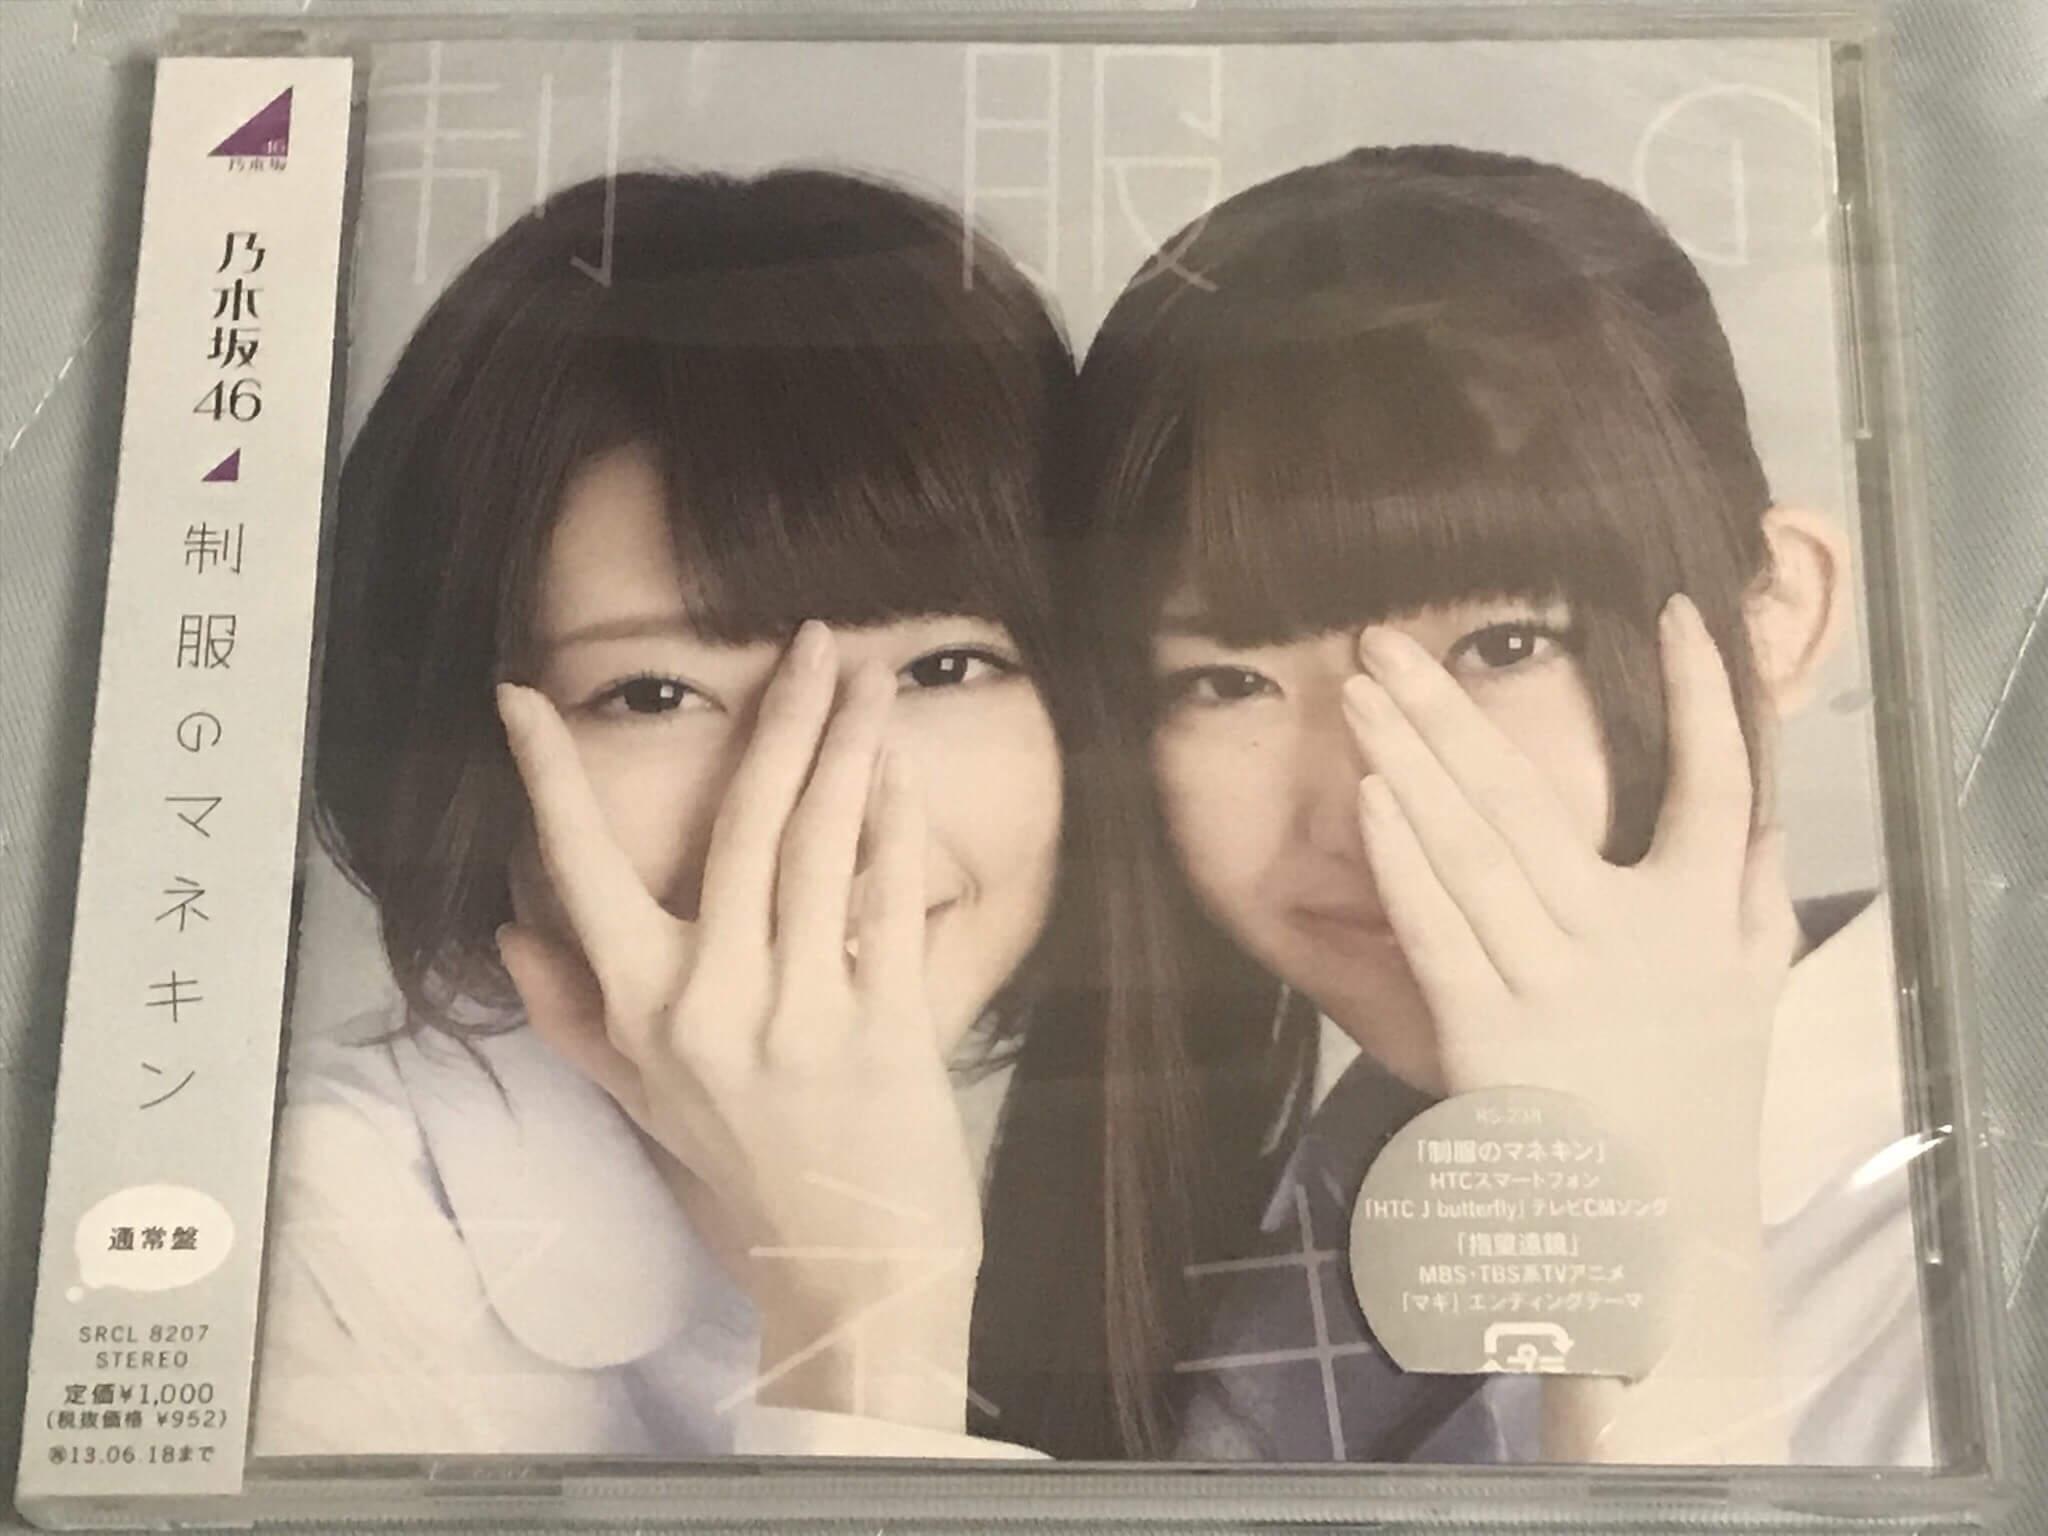 4thシングル「制服のマネキン」のすべて!収録曲や特典映像、MV、フォーメーション情報などを紹介!